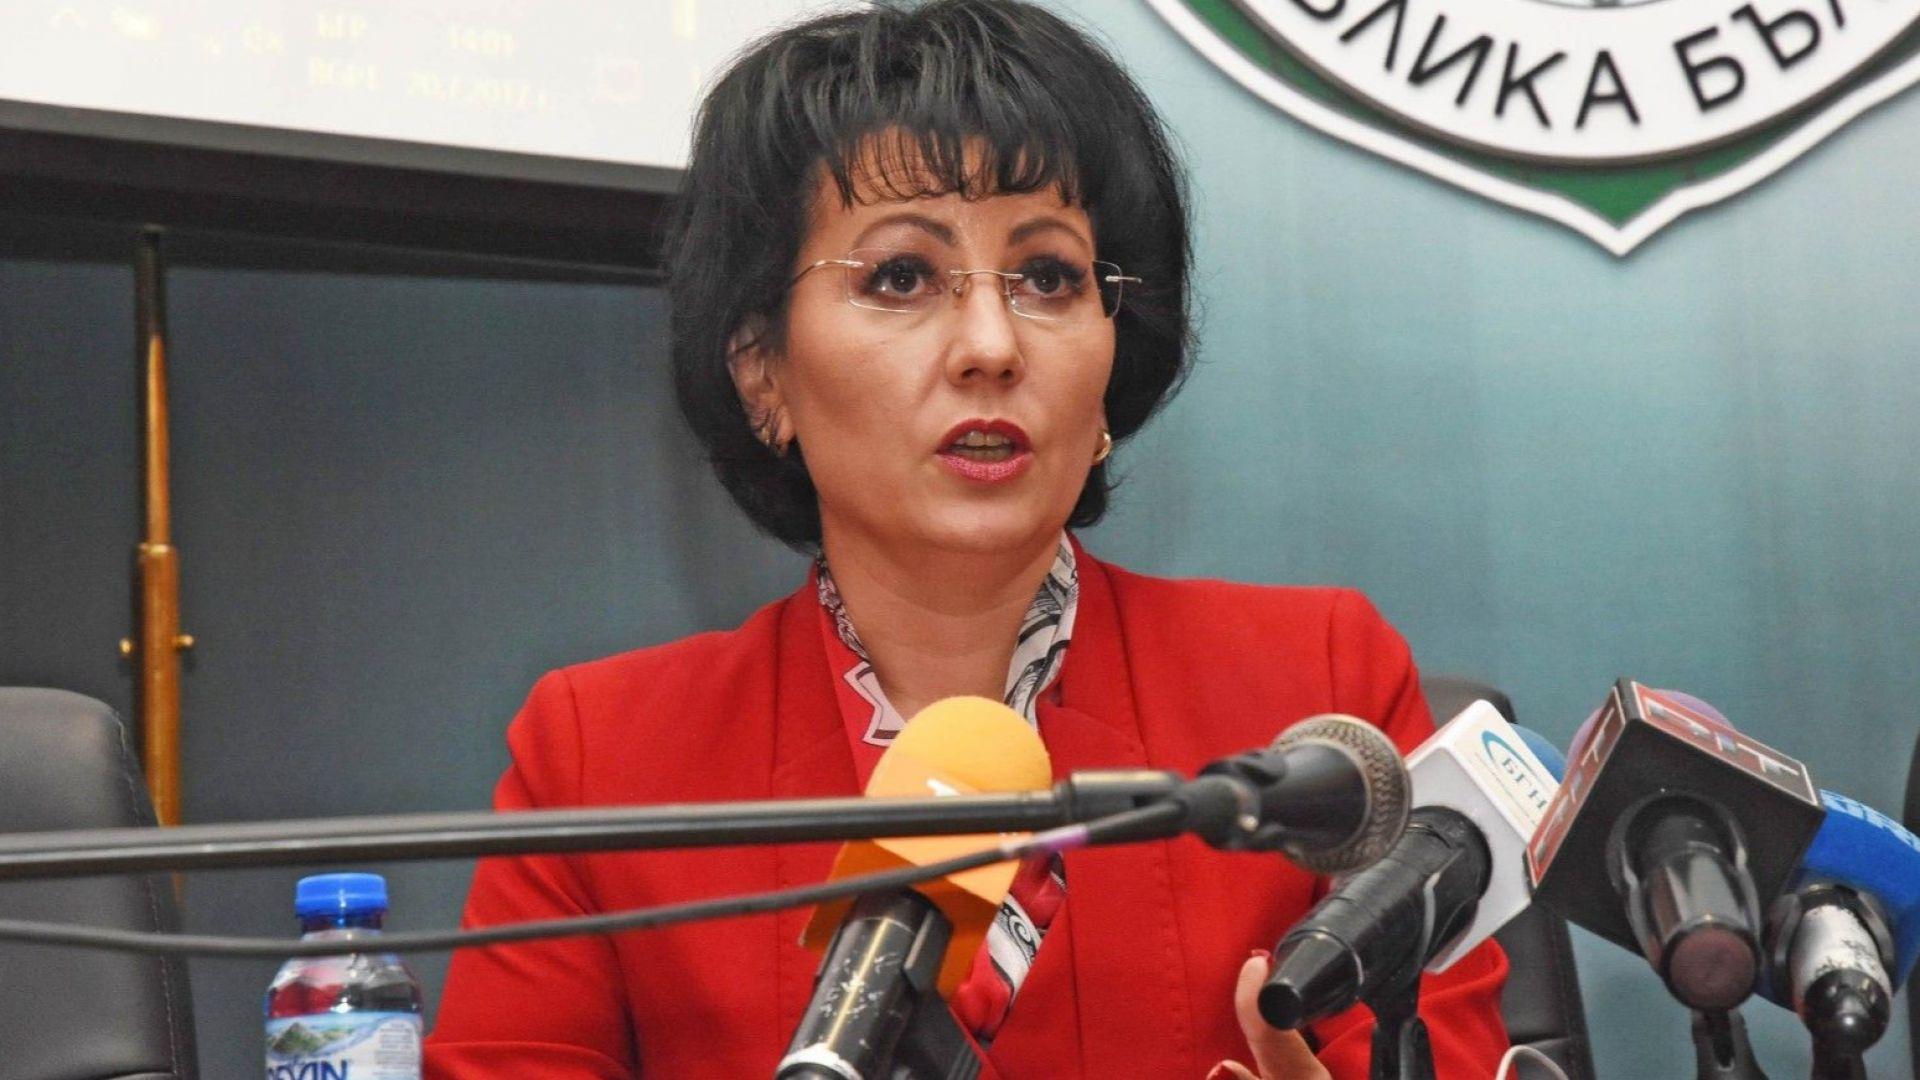 Кметът на Стрелча заставил 17 служители да подпишат заявления за напускане без дата